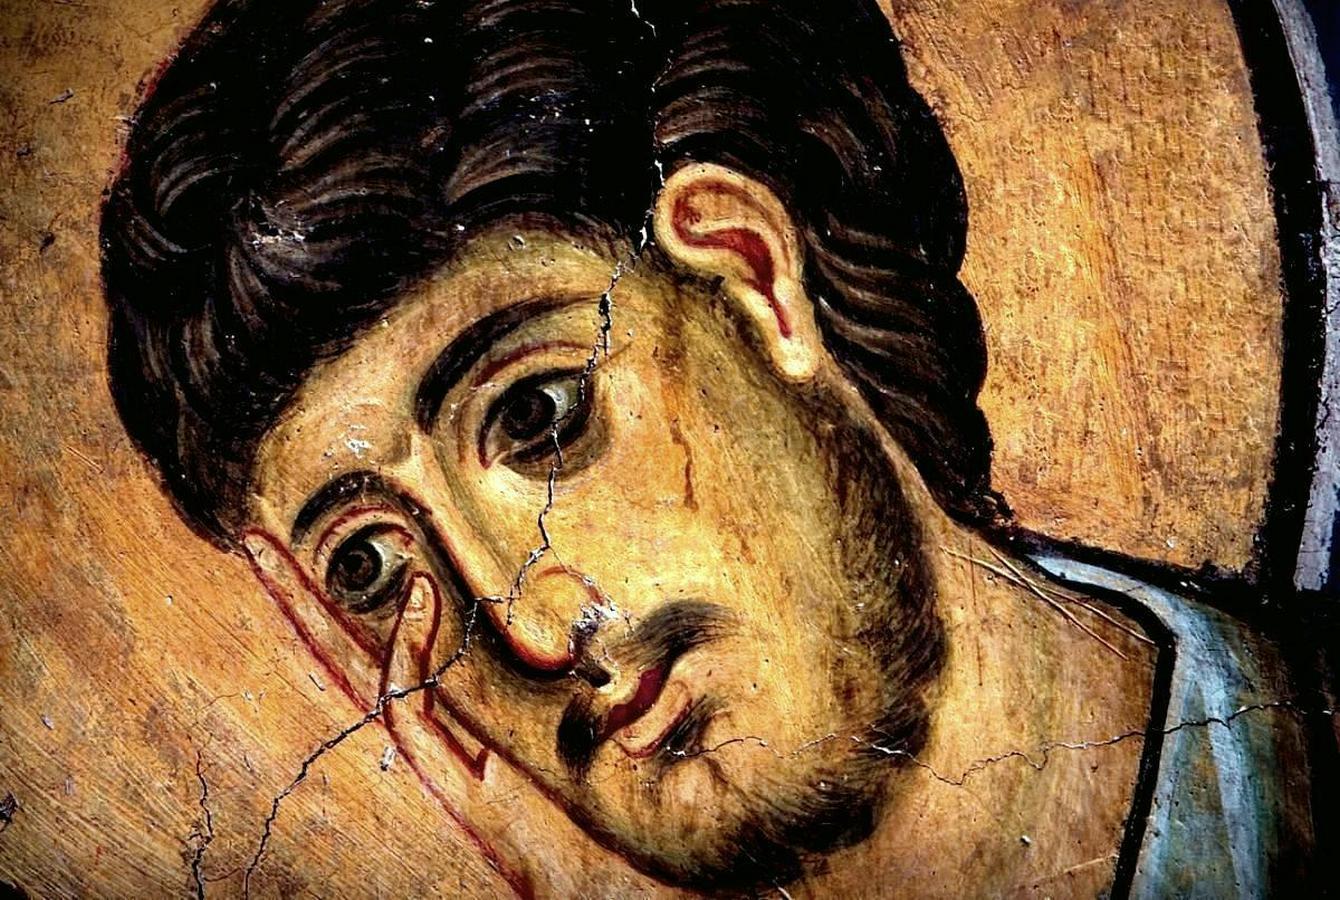 Распятие Господне. Фреска церкви Богородицы в монастыре Студеница, Сербия. 1208 - 1209 годы. Фрагмент. Святой Апостол Иоанн Богослов.